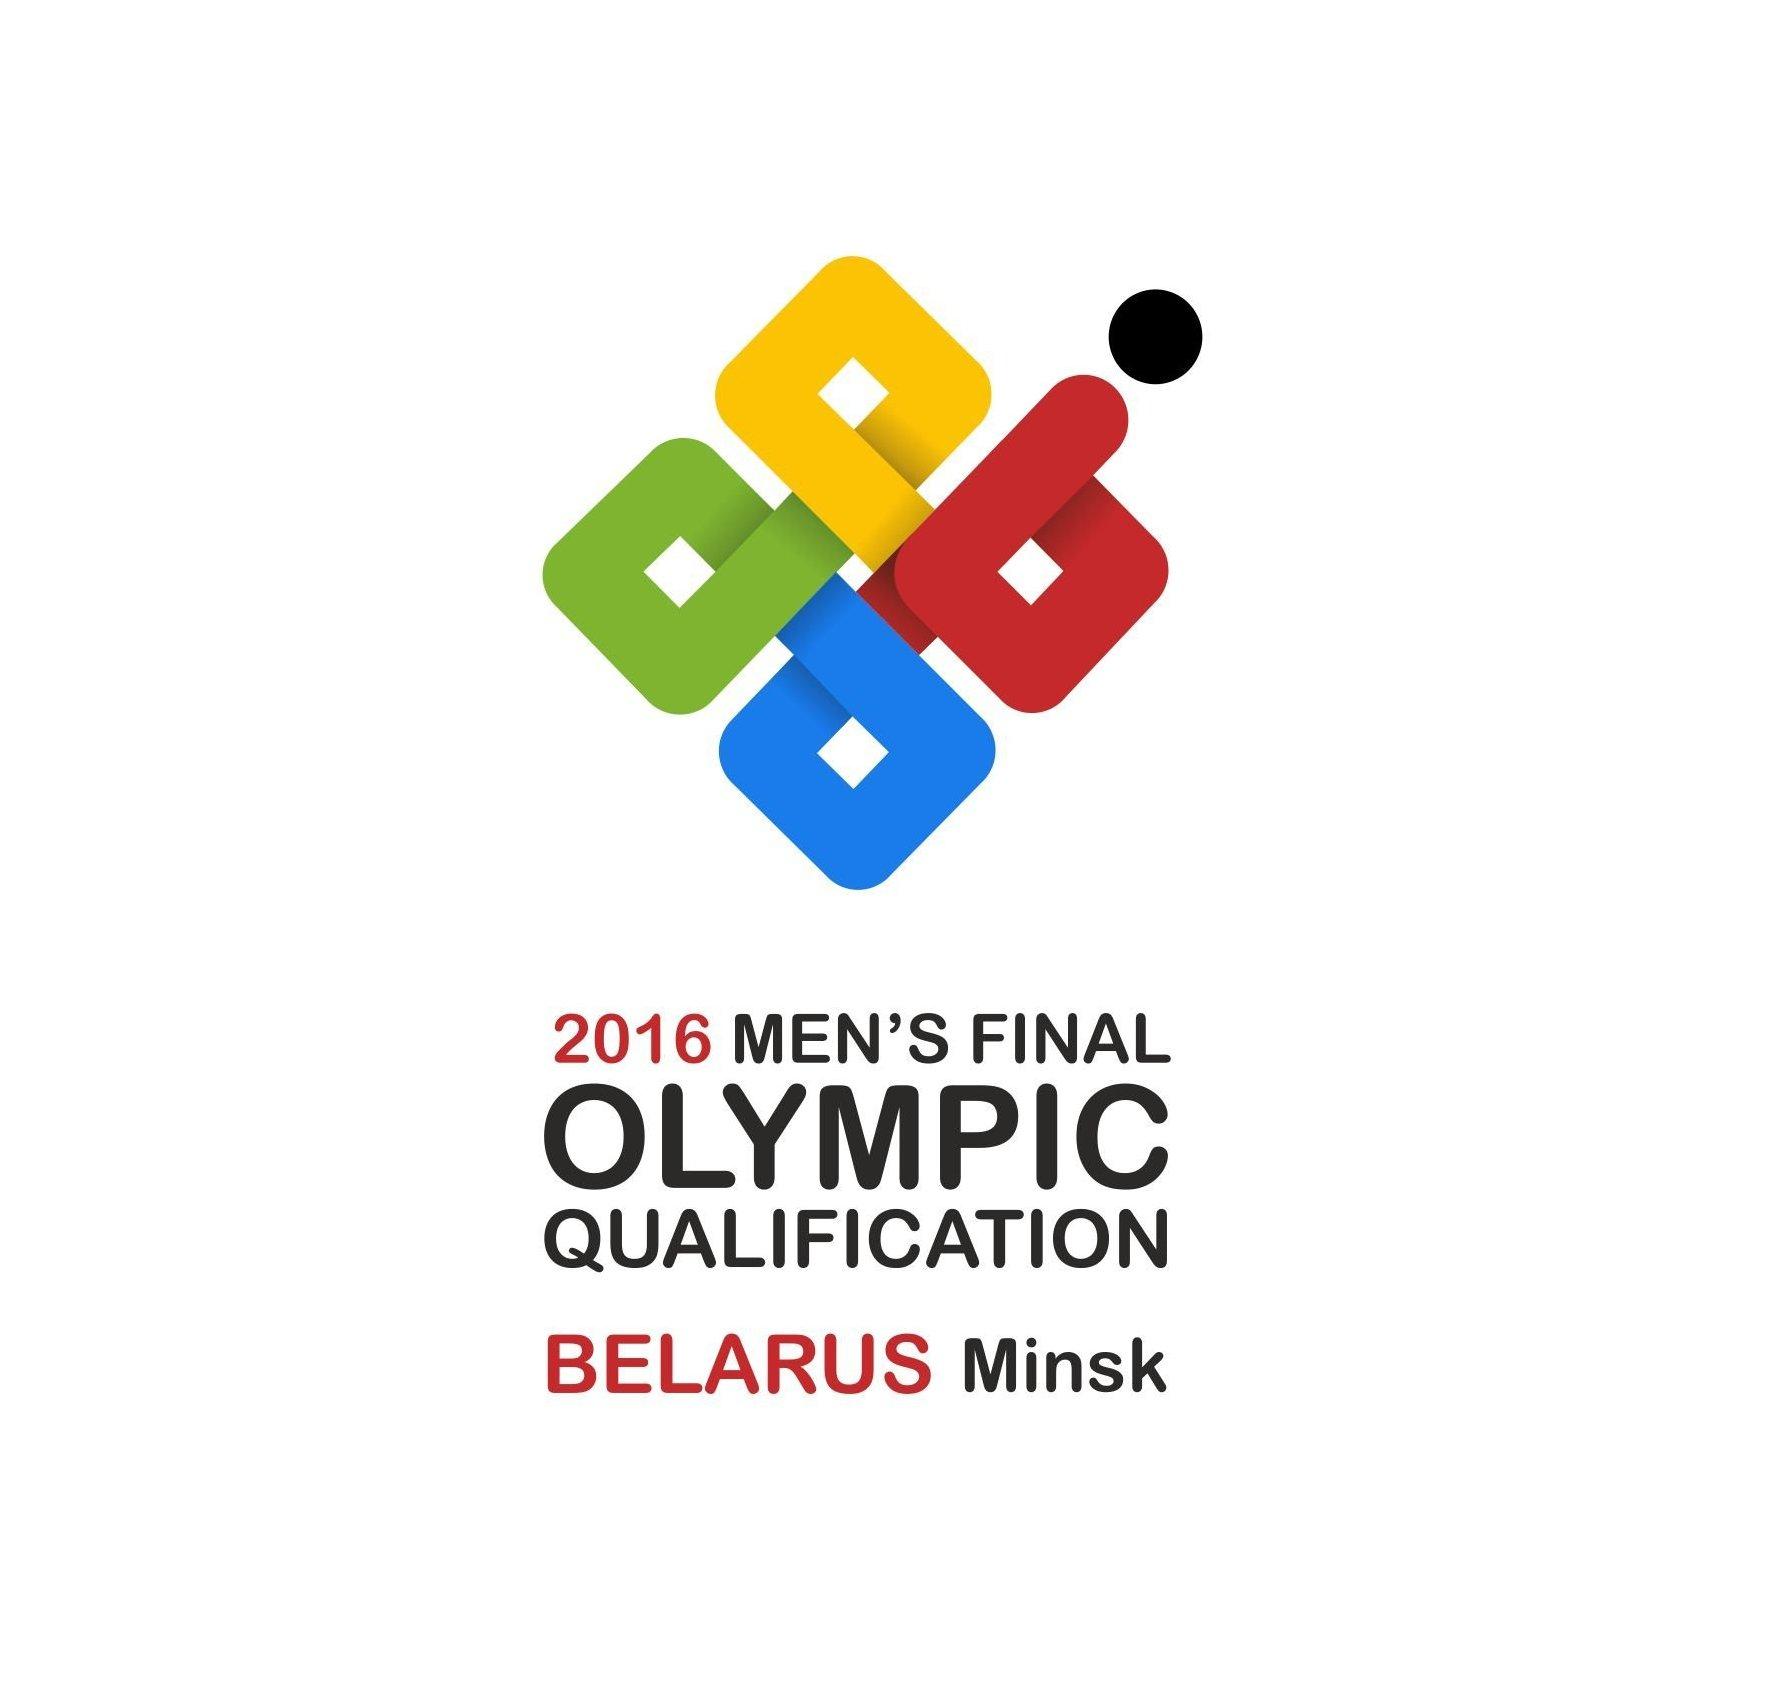 Логотип финальной олимпийской квалификации по хоккею